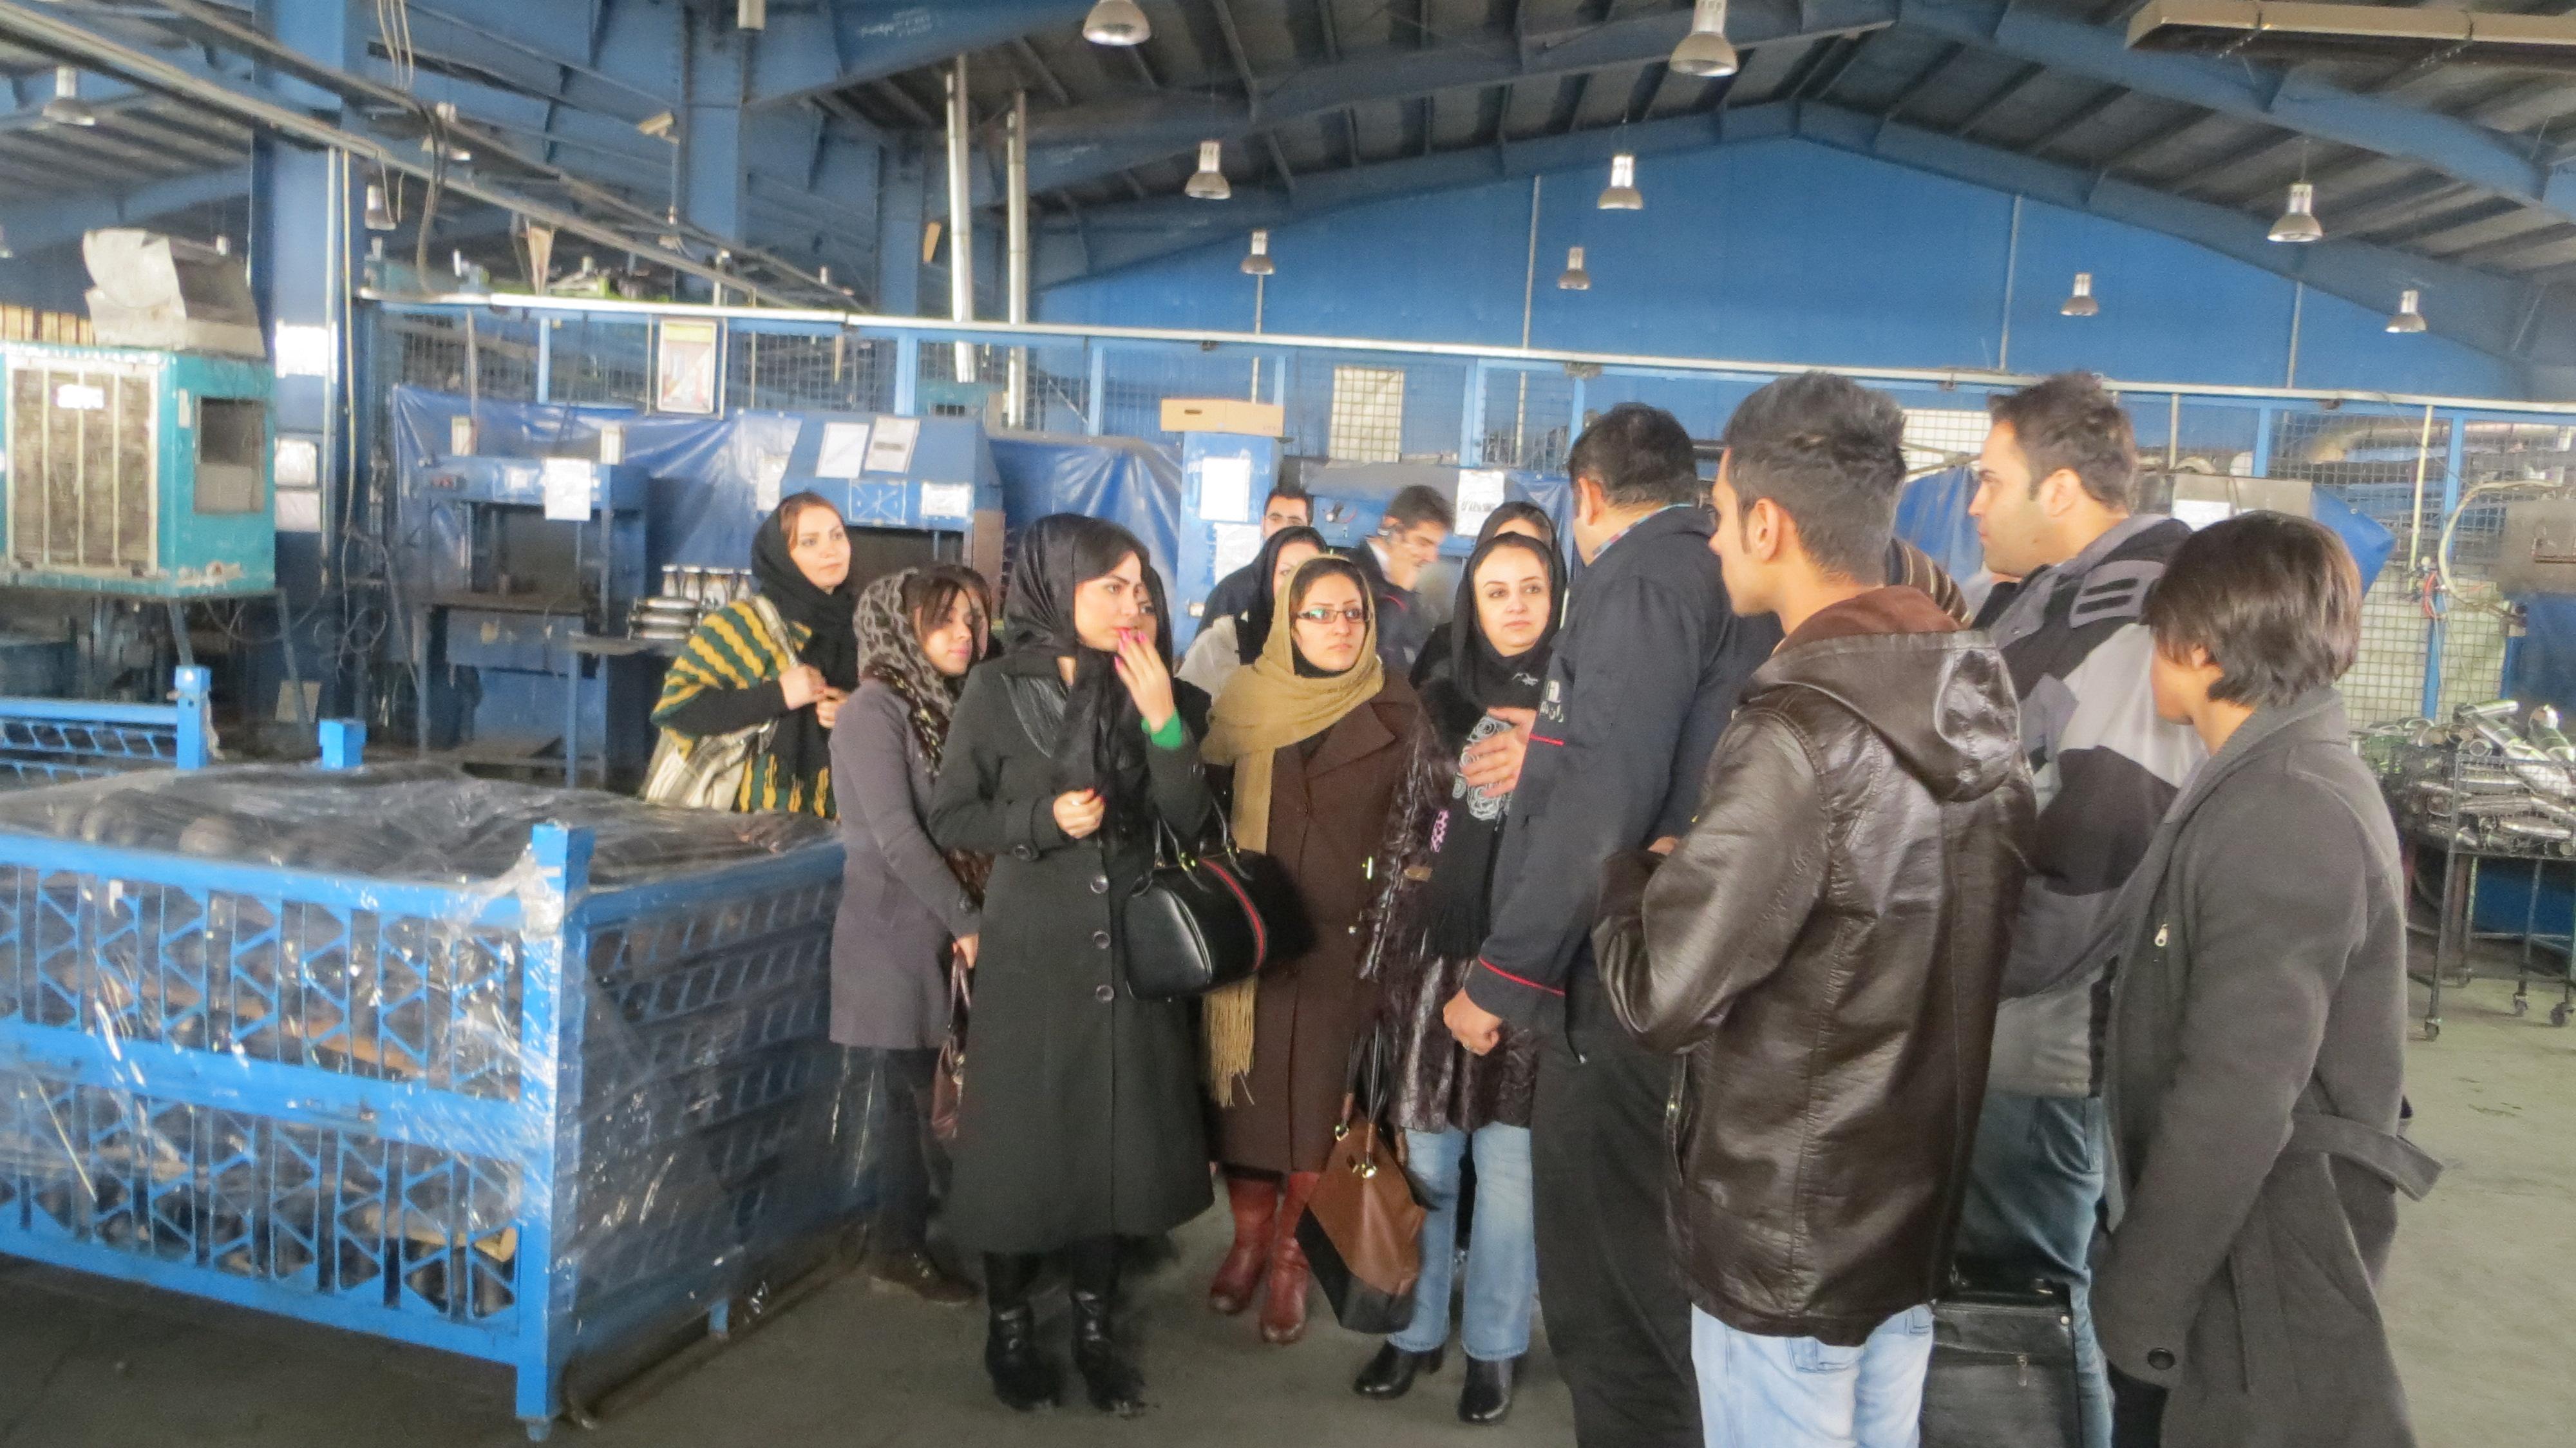 تصاویر بازدید کارورزان از کارخانجات صنعتی